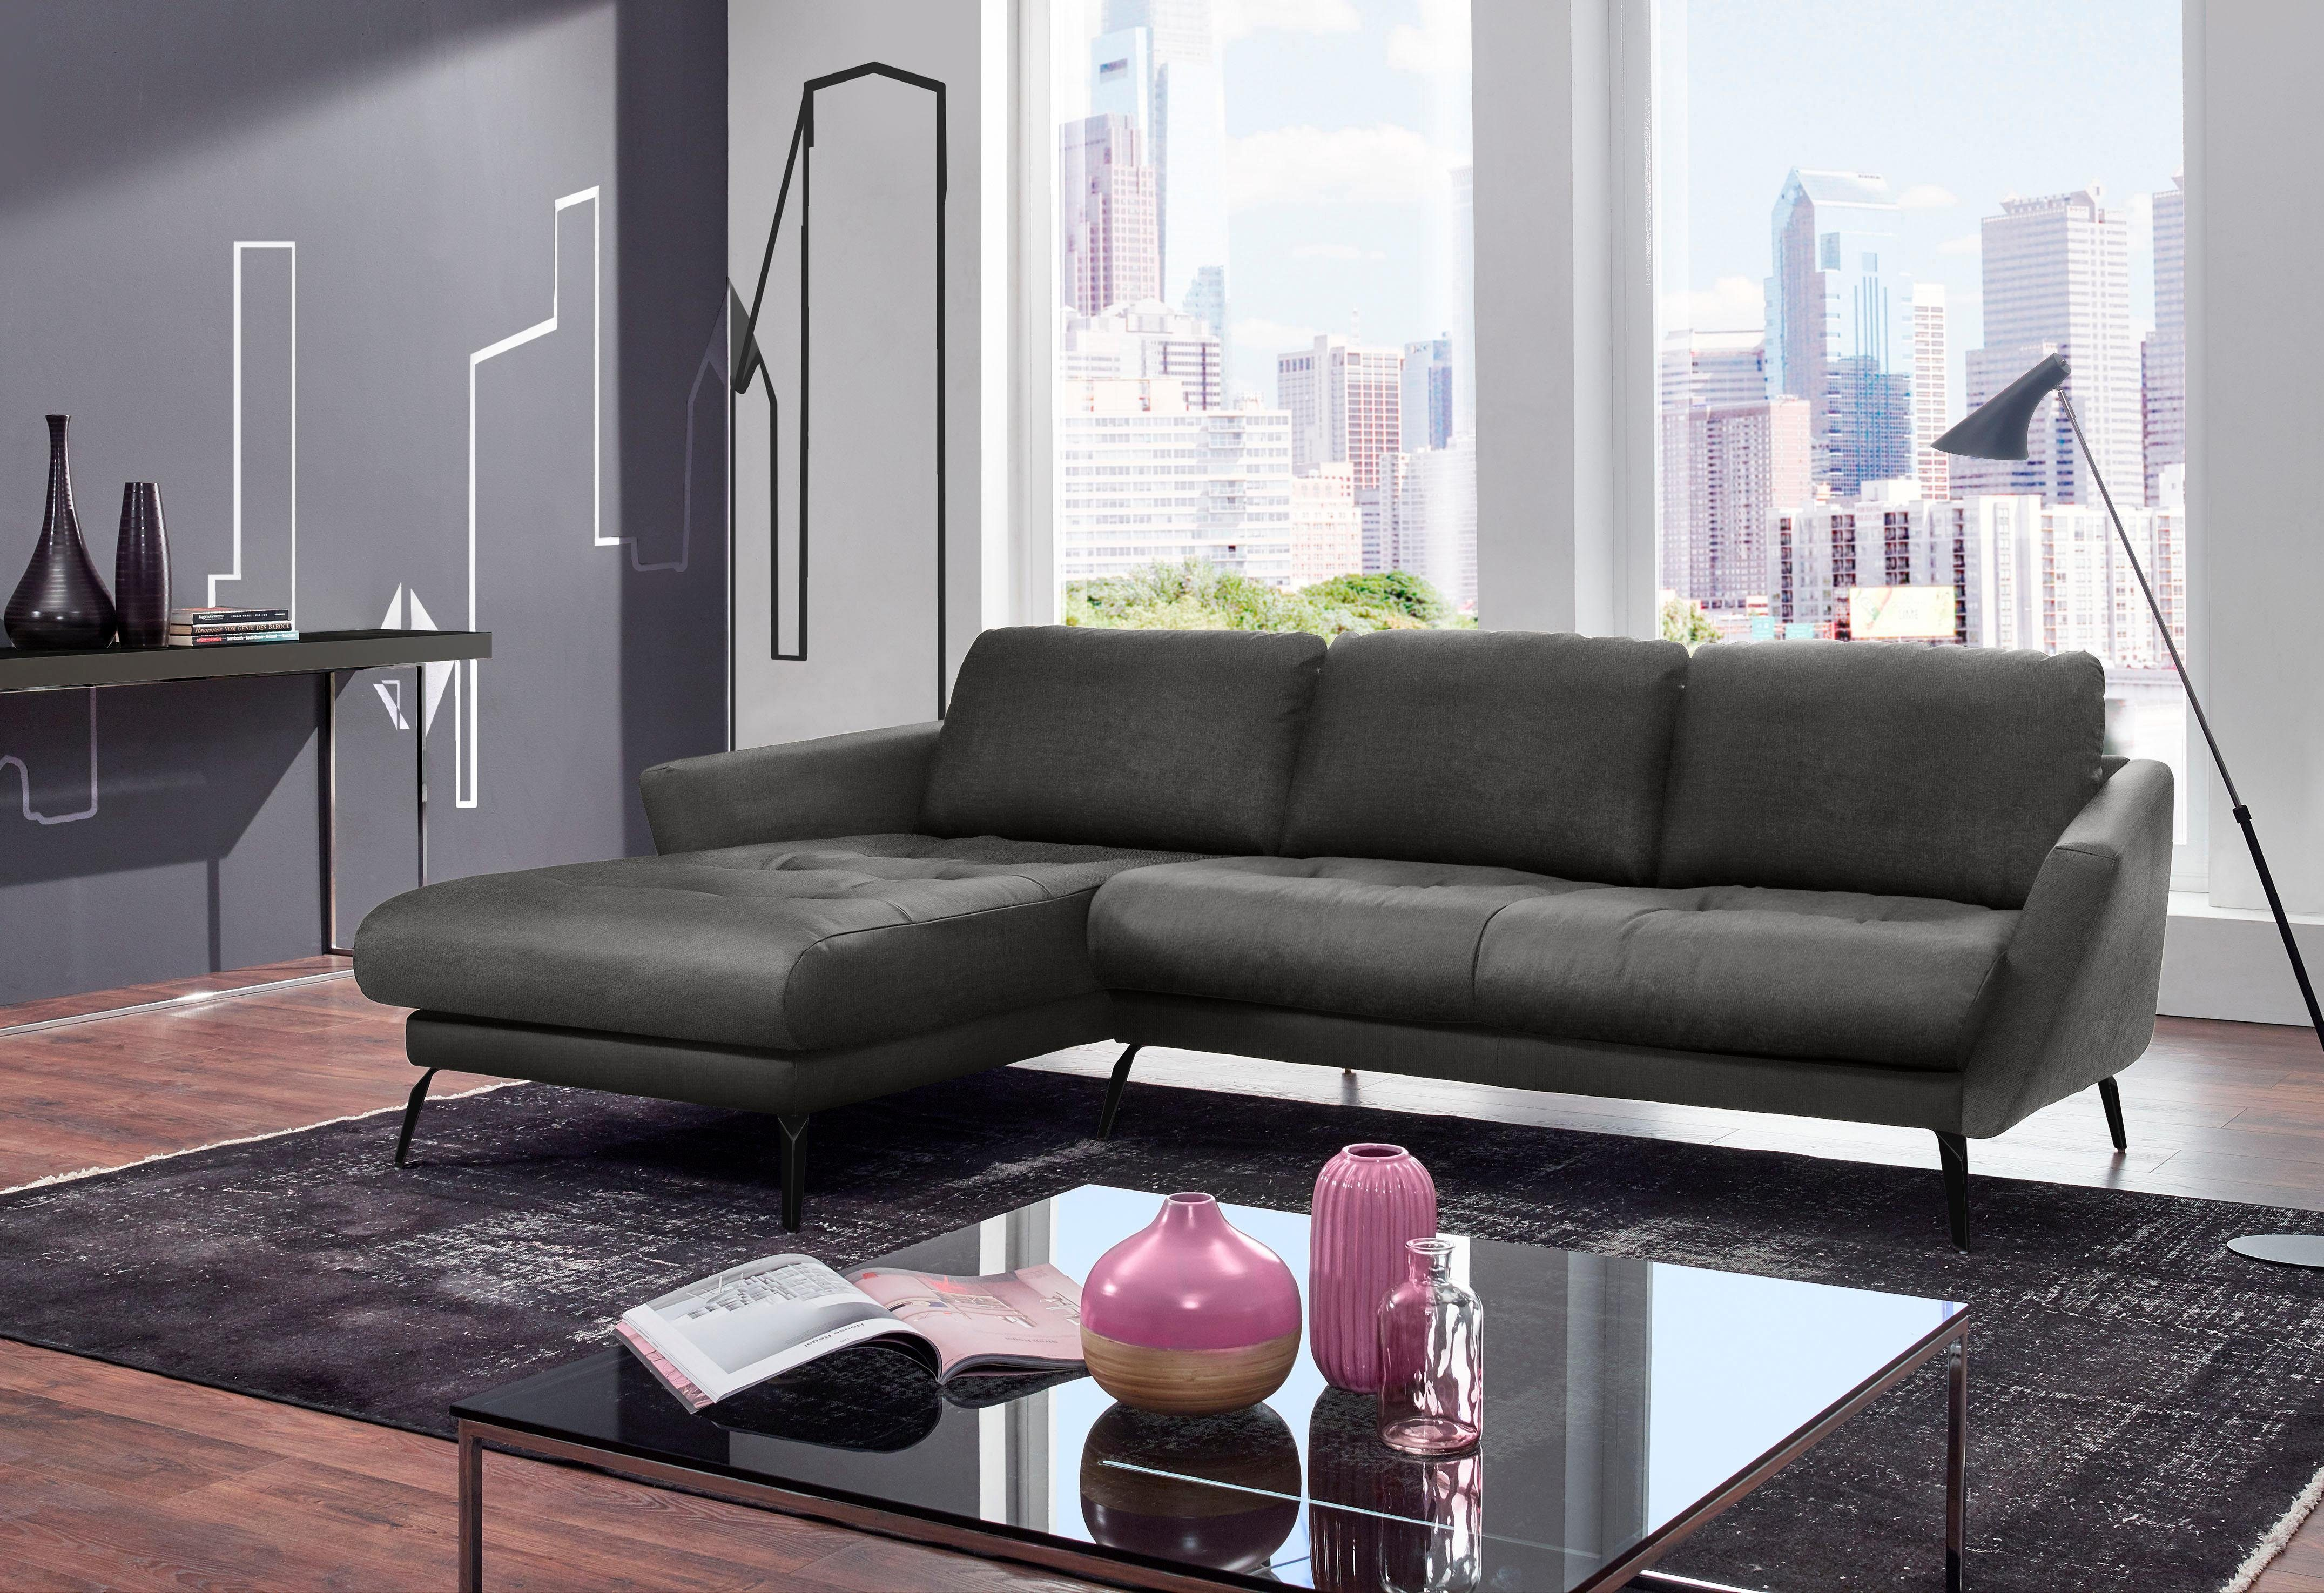 W.SCHILLIG Ecksofa softy, mit dekorativer Heftung im Sitz, Füße schwarz pul günstig online kaufen